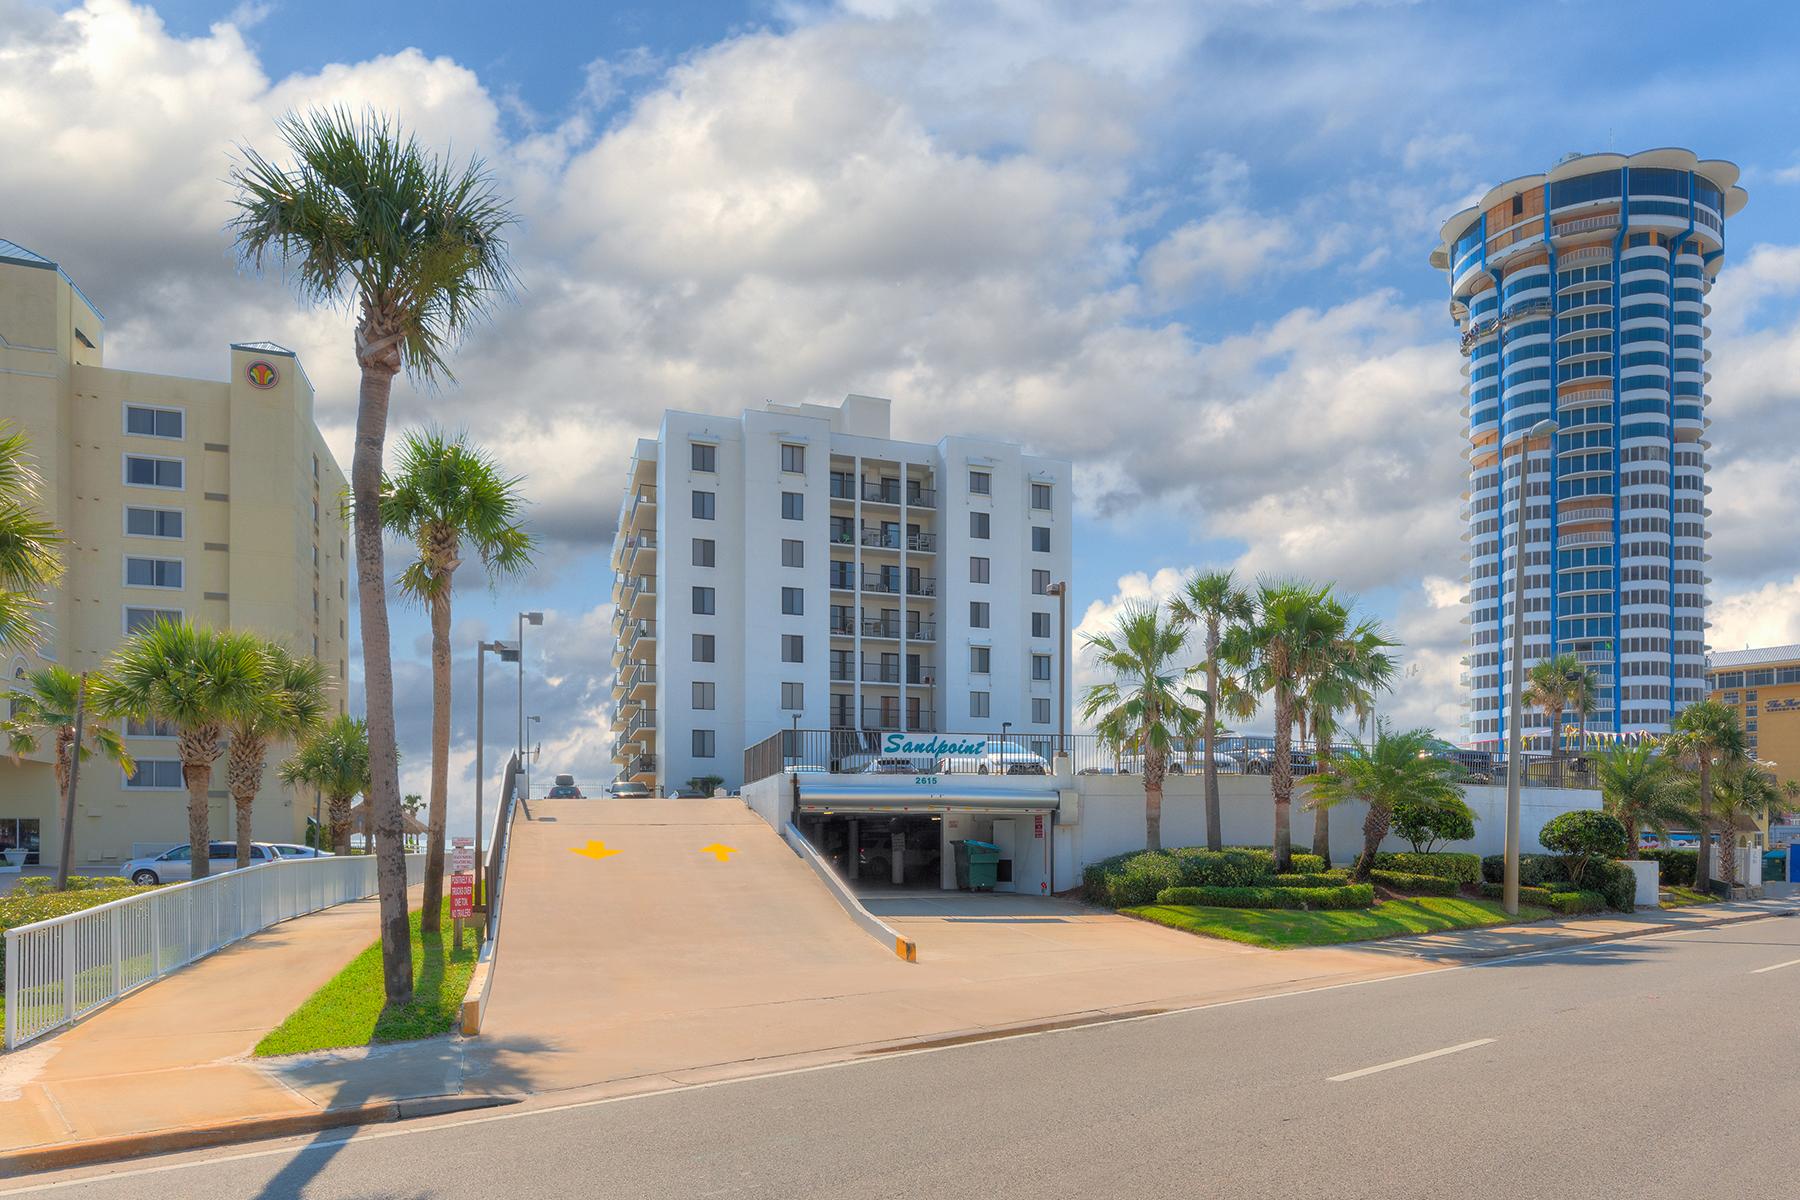 共管物業 為 出售 在 2615 S Atlantic Avenue, 4B 4, Daytona Beach Shores 2615 S Atlantic Ave 4B 4 Daytona Beach Shores, 佛羅里達州 32118 美國